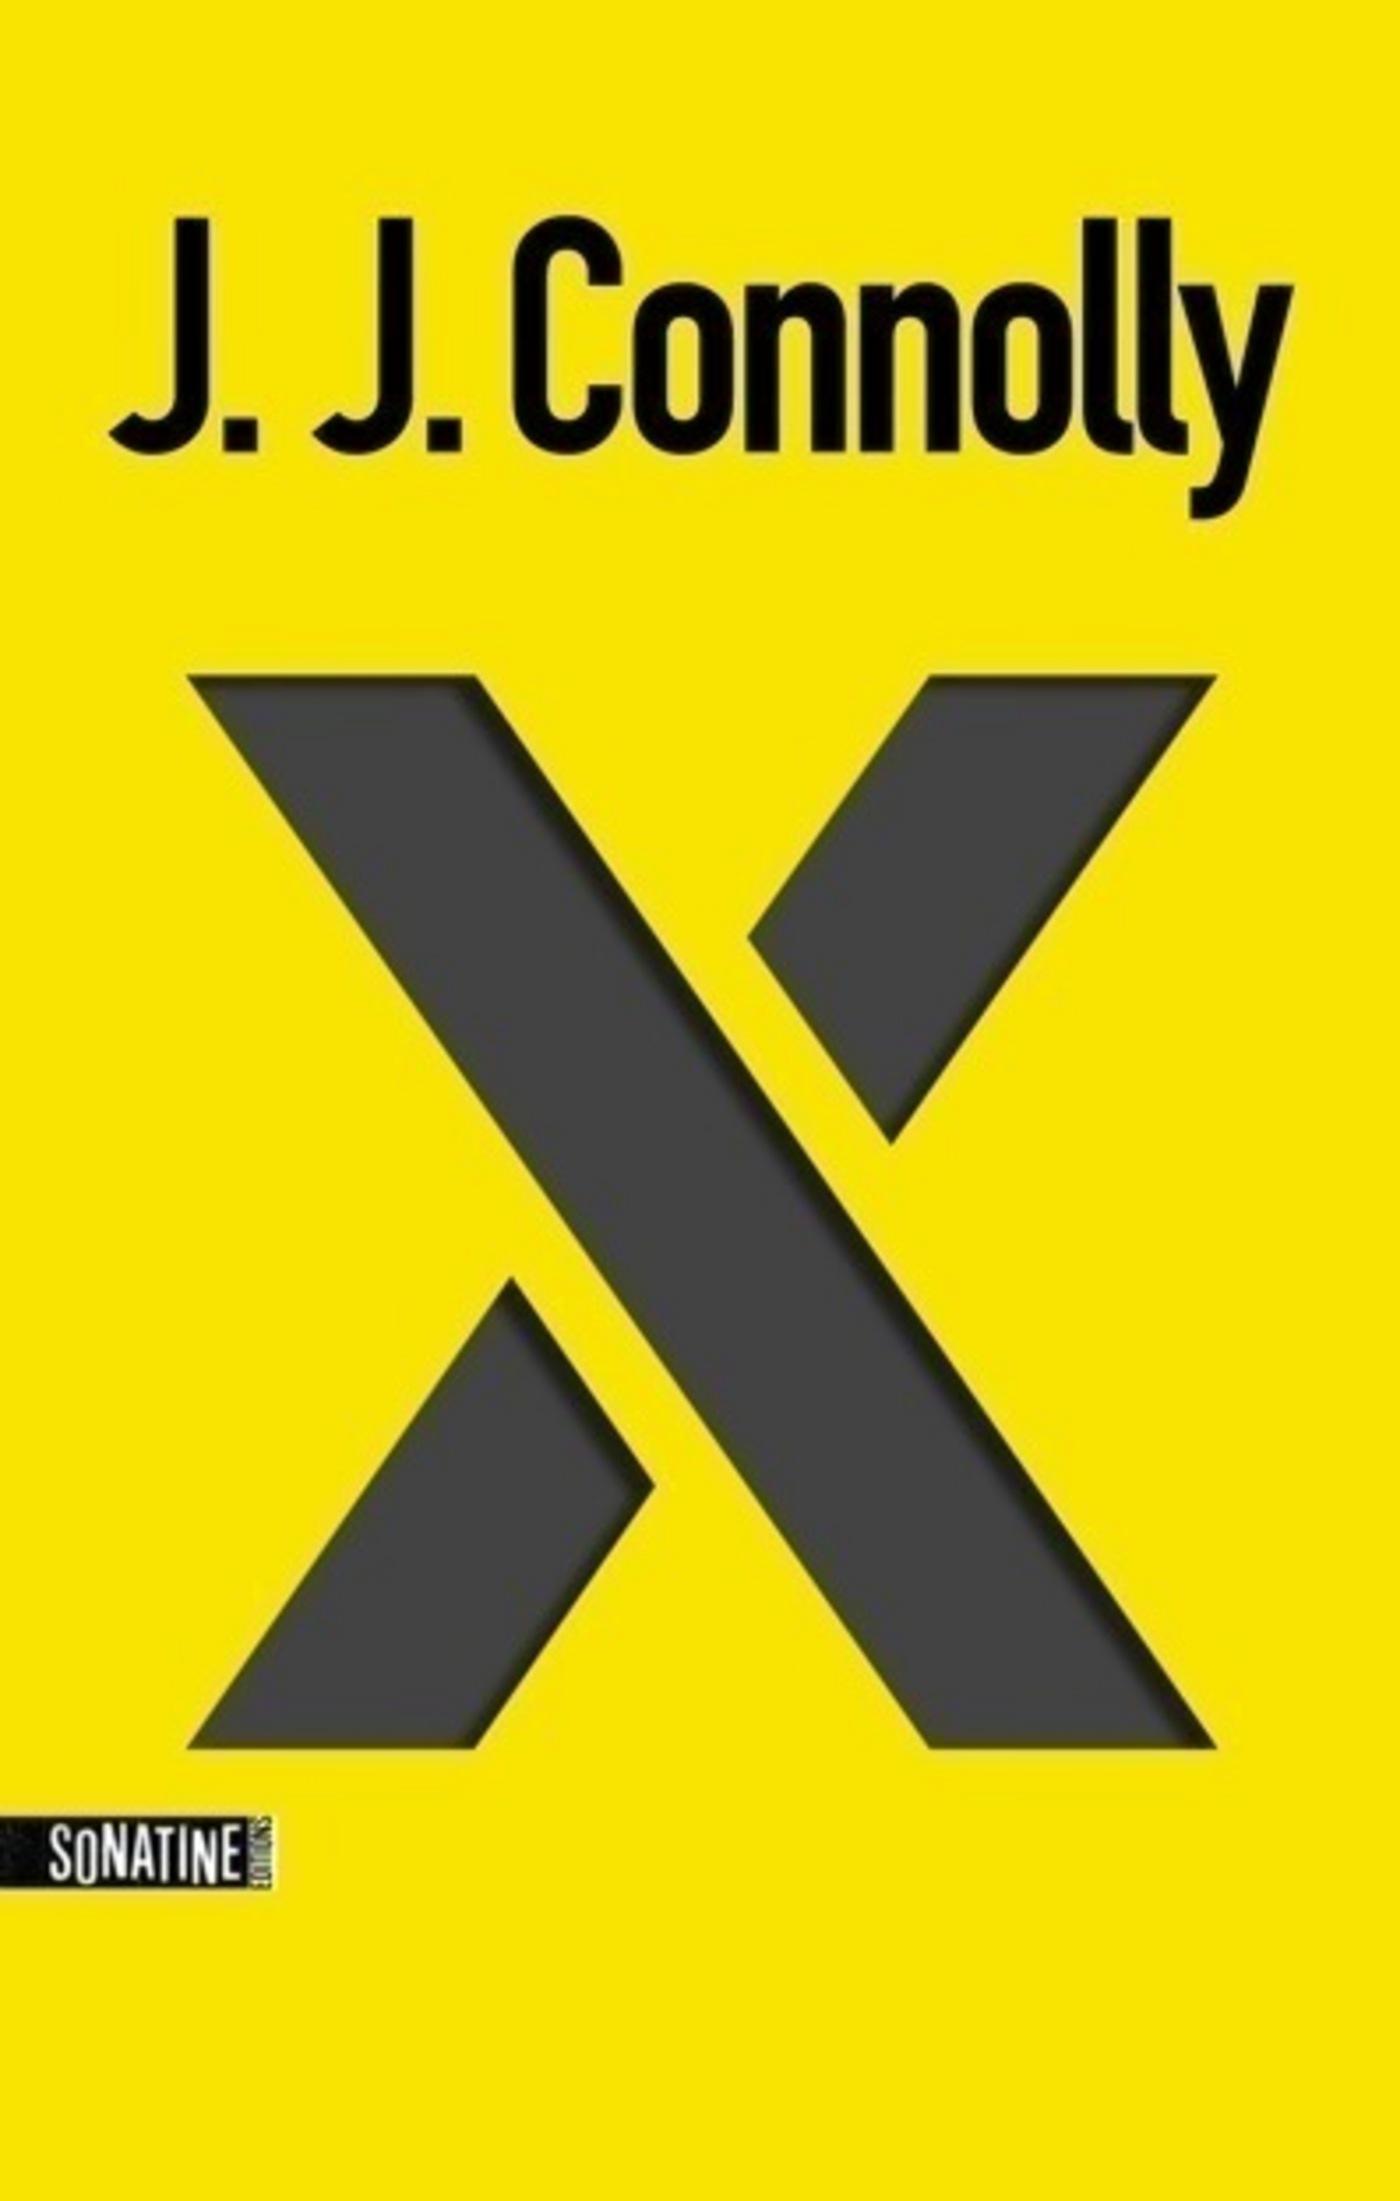 X   CONNOLLY, J. J.